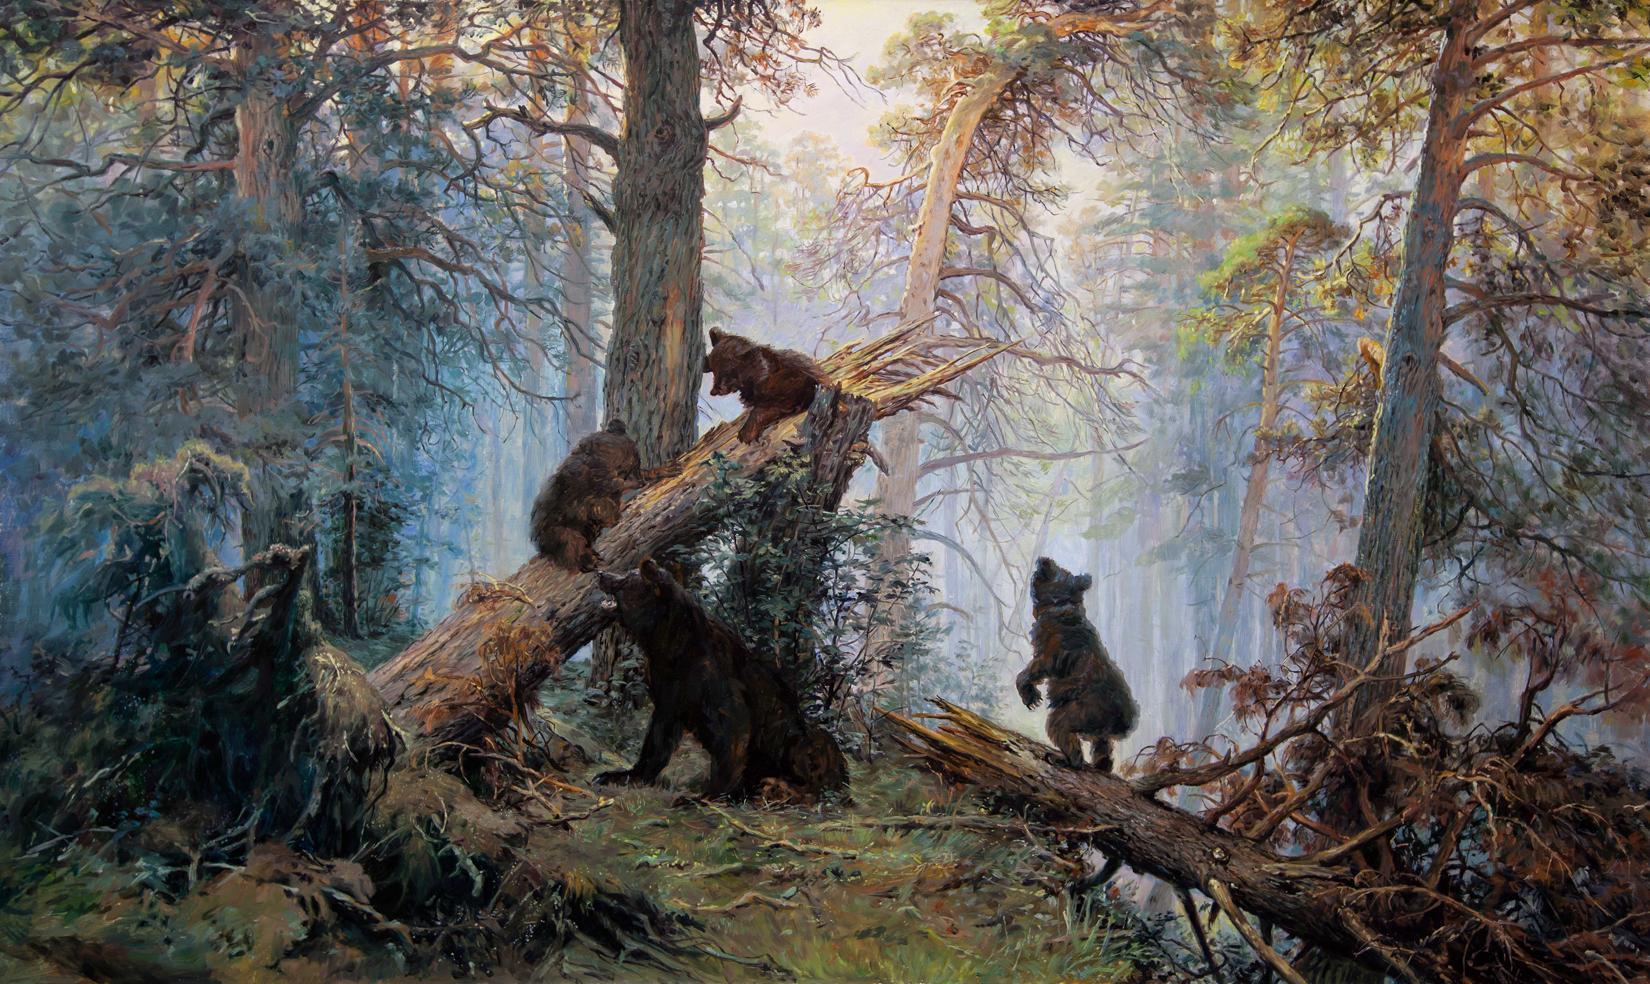 утро в сосновом лесу картинки слишком большой